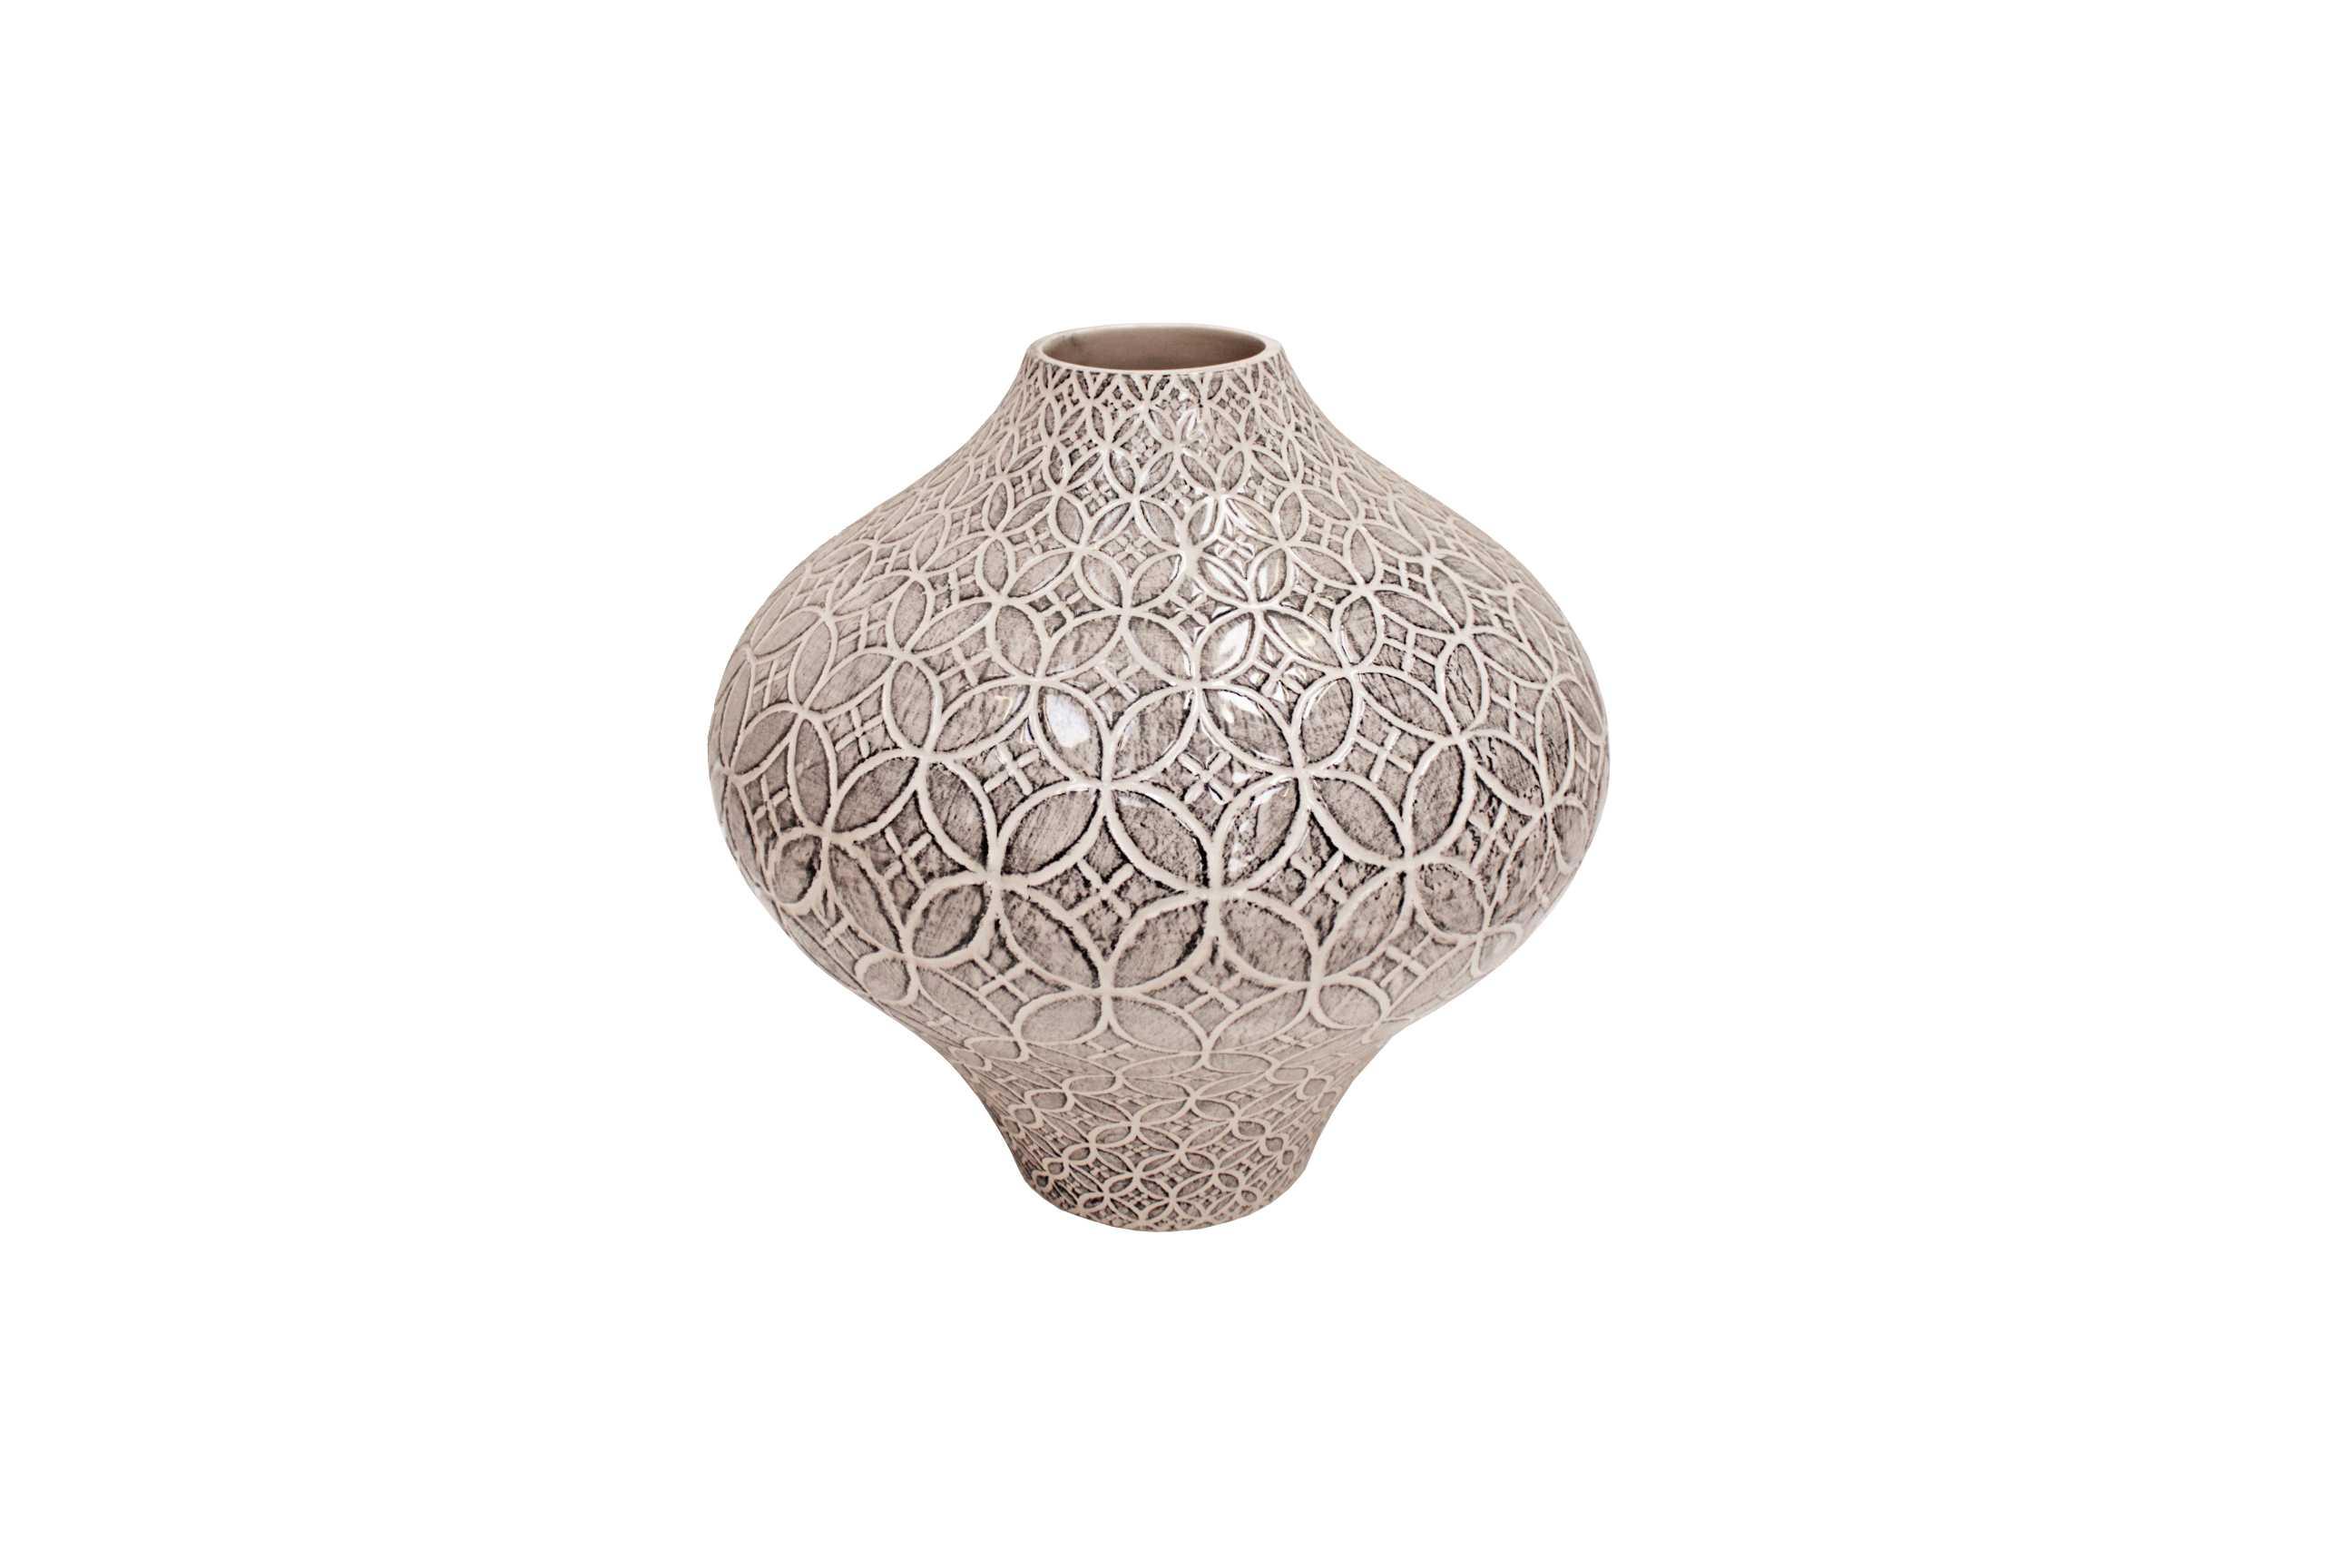 Billede af Marakesh vase